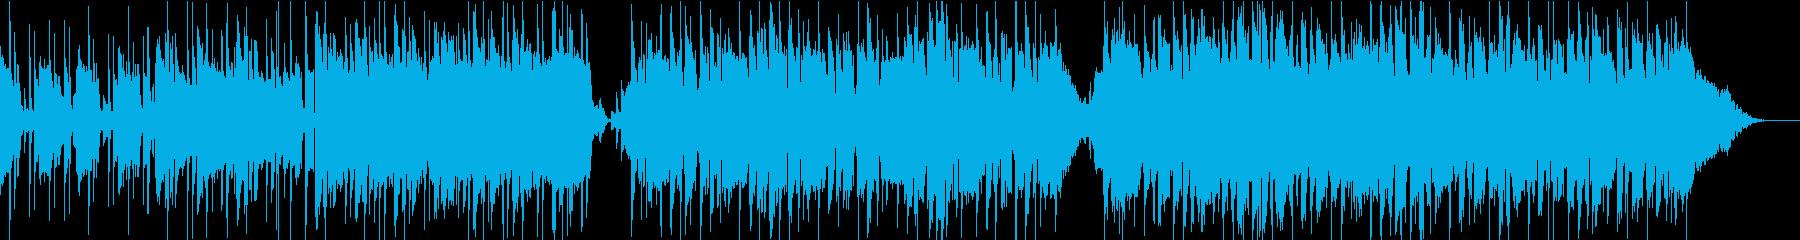 テクノとロックとクラシックの融合音楽の再生済みの波形